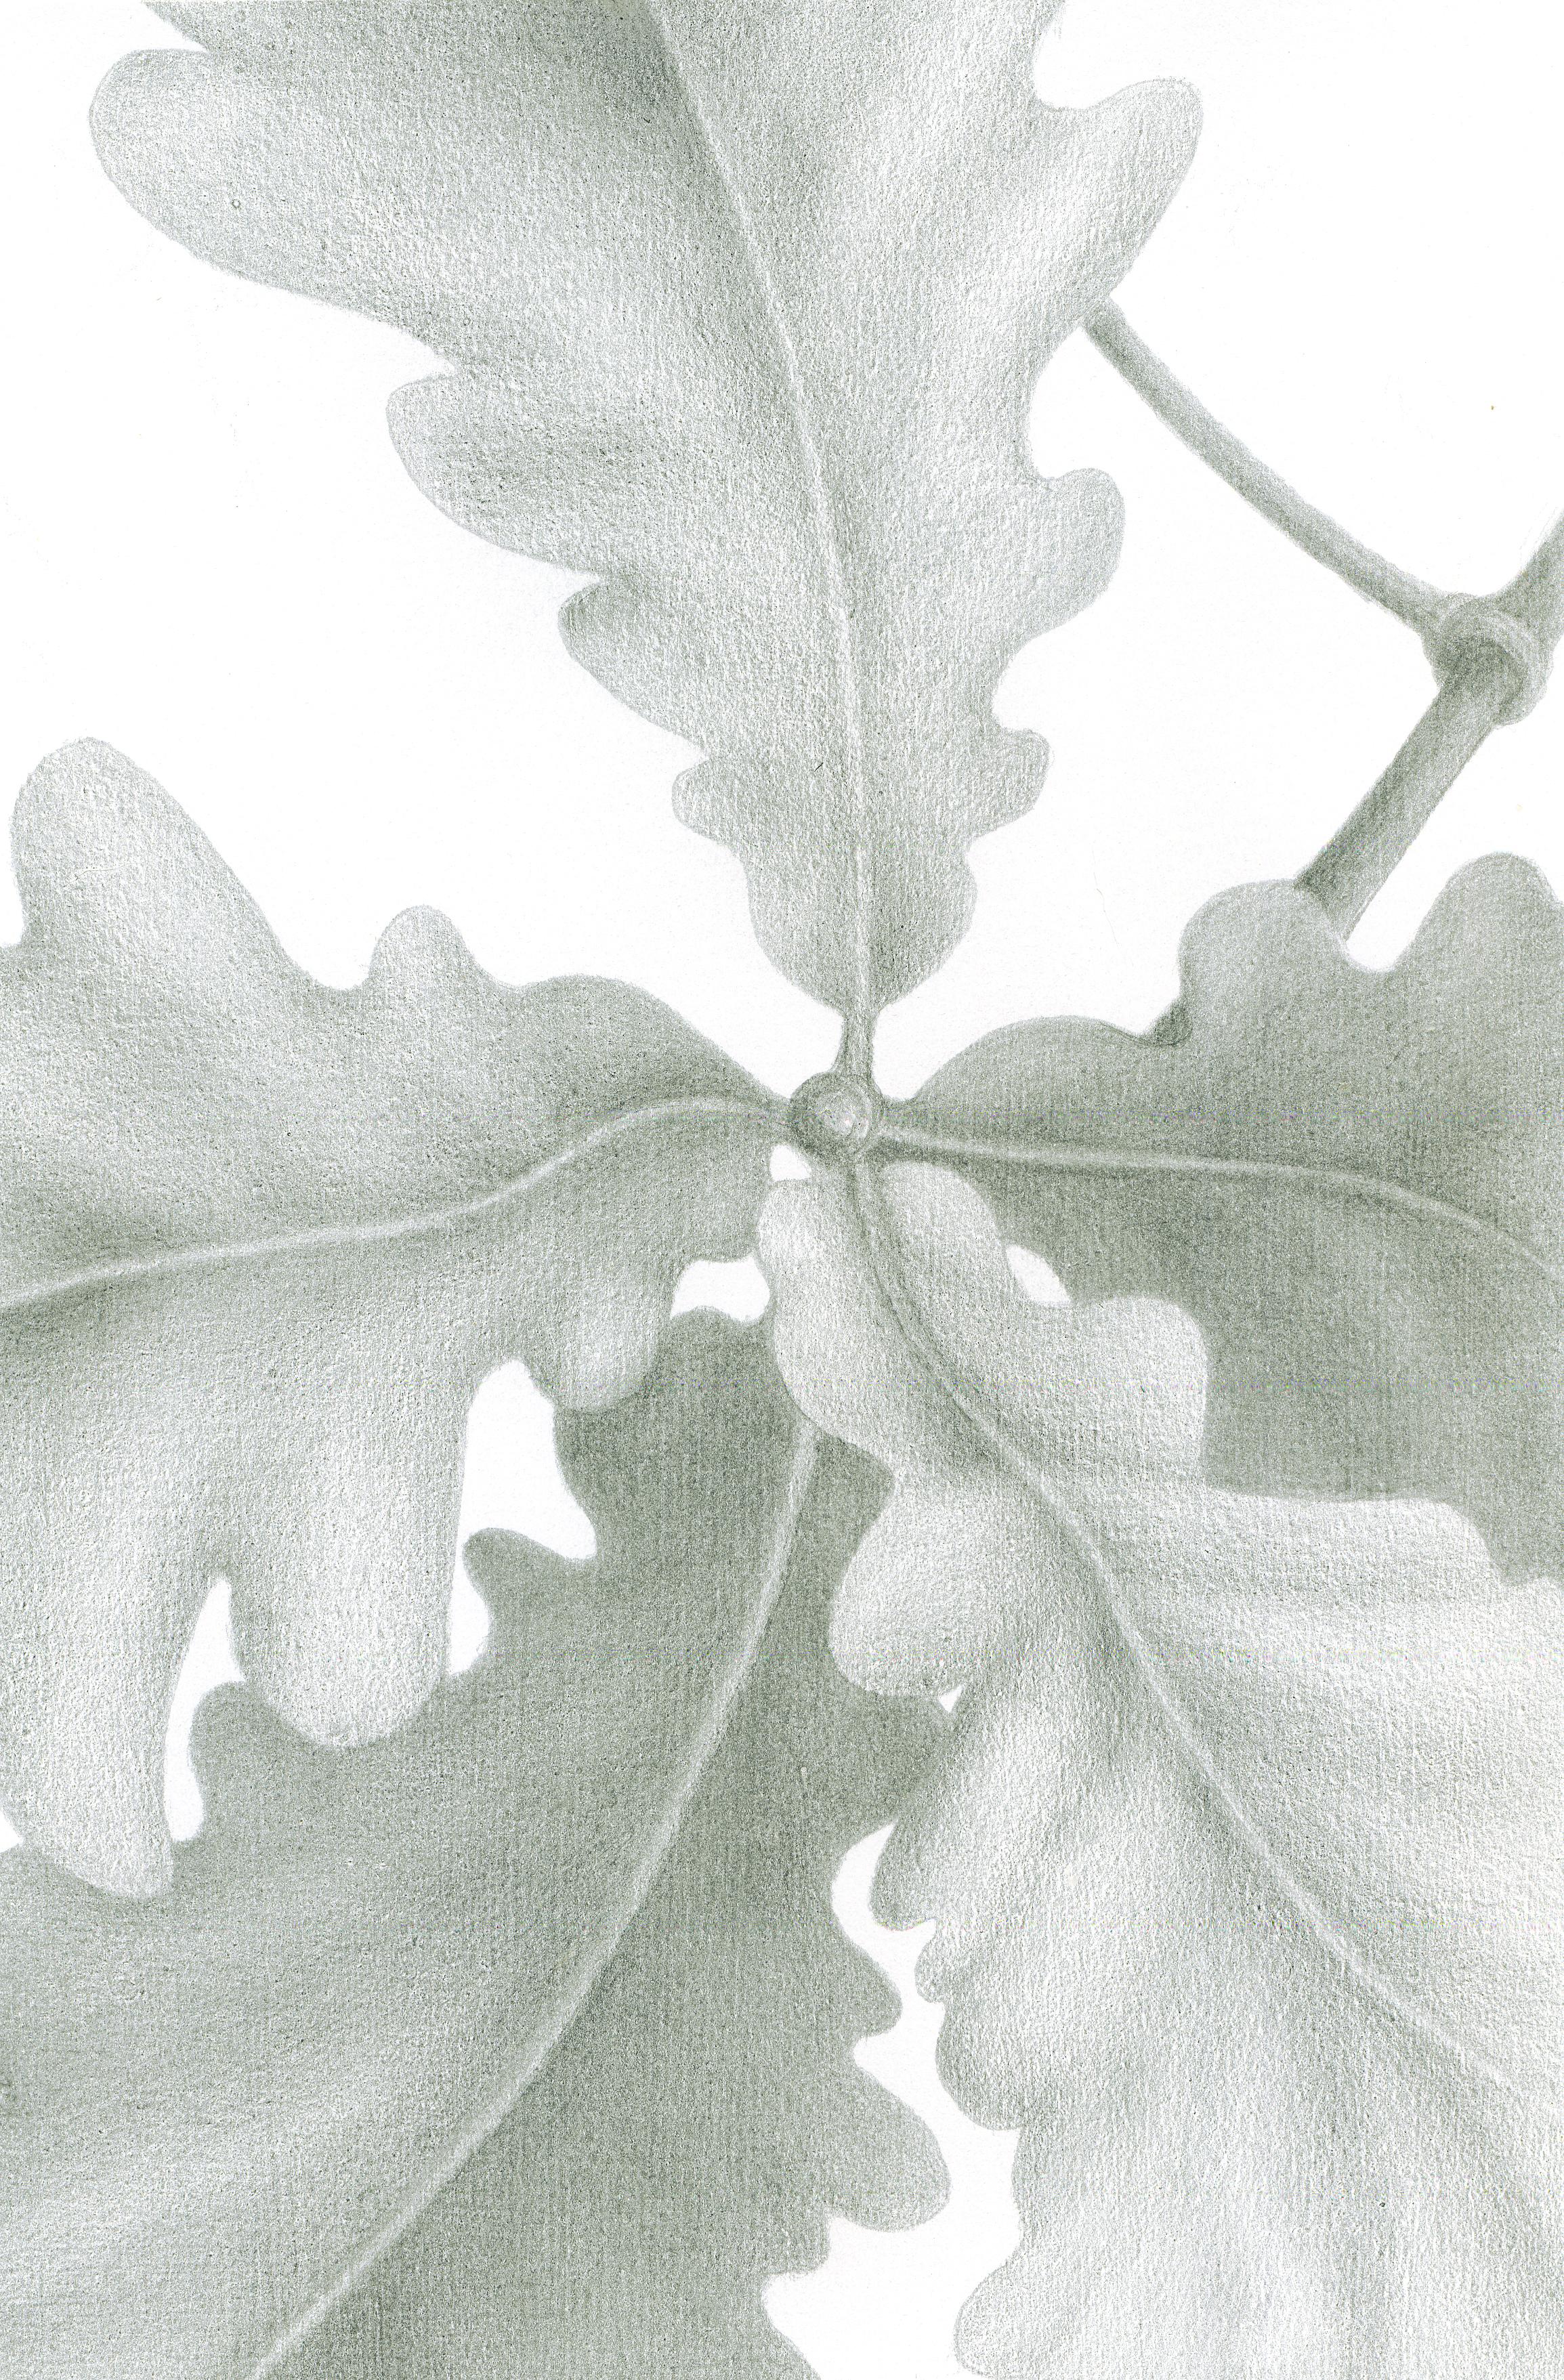 Oak Leaves, silverpoint, Jeannine Cook artist